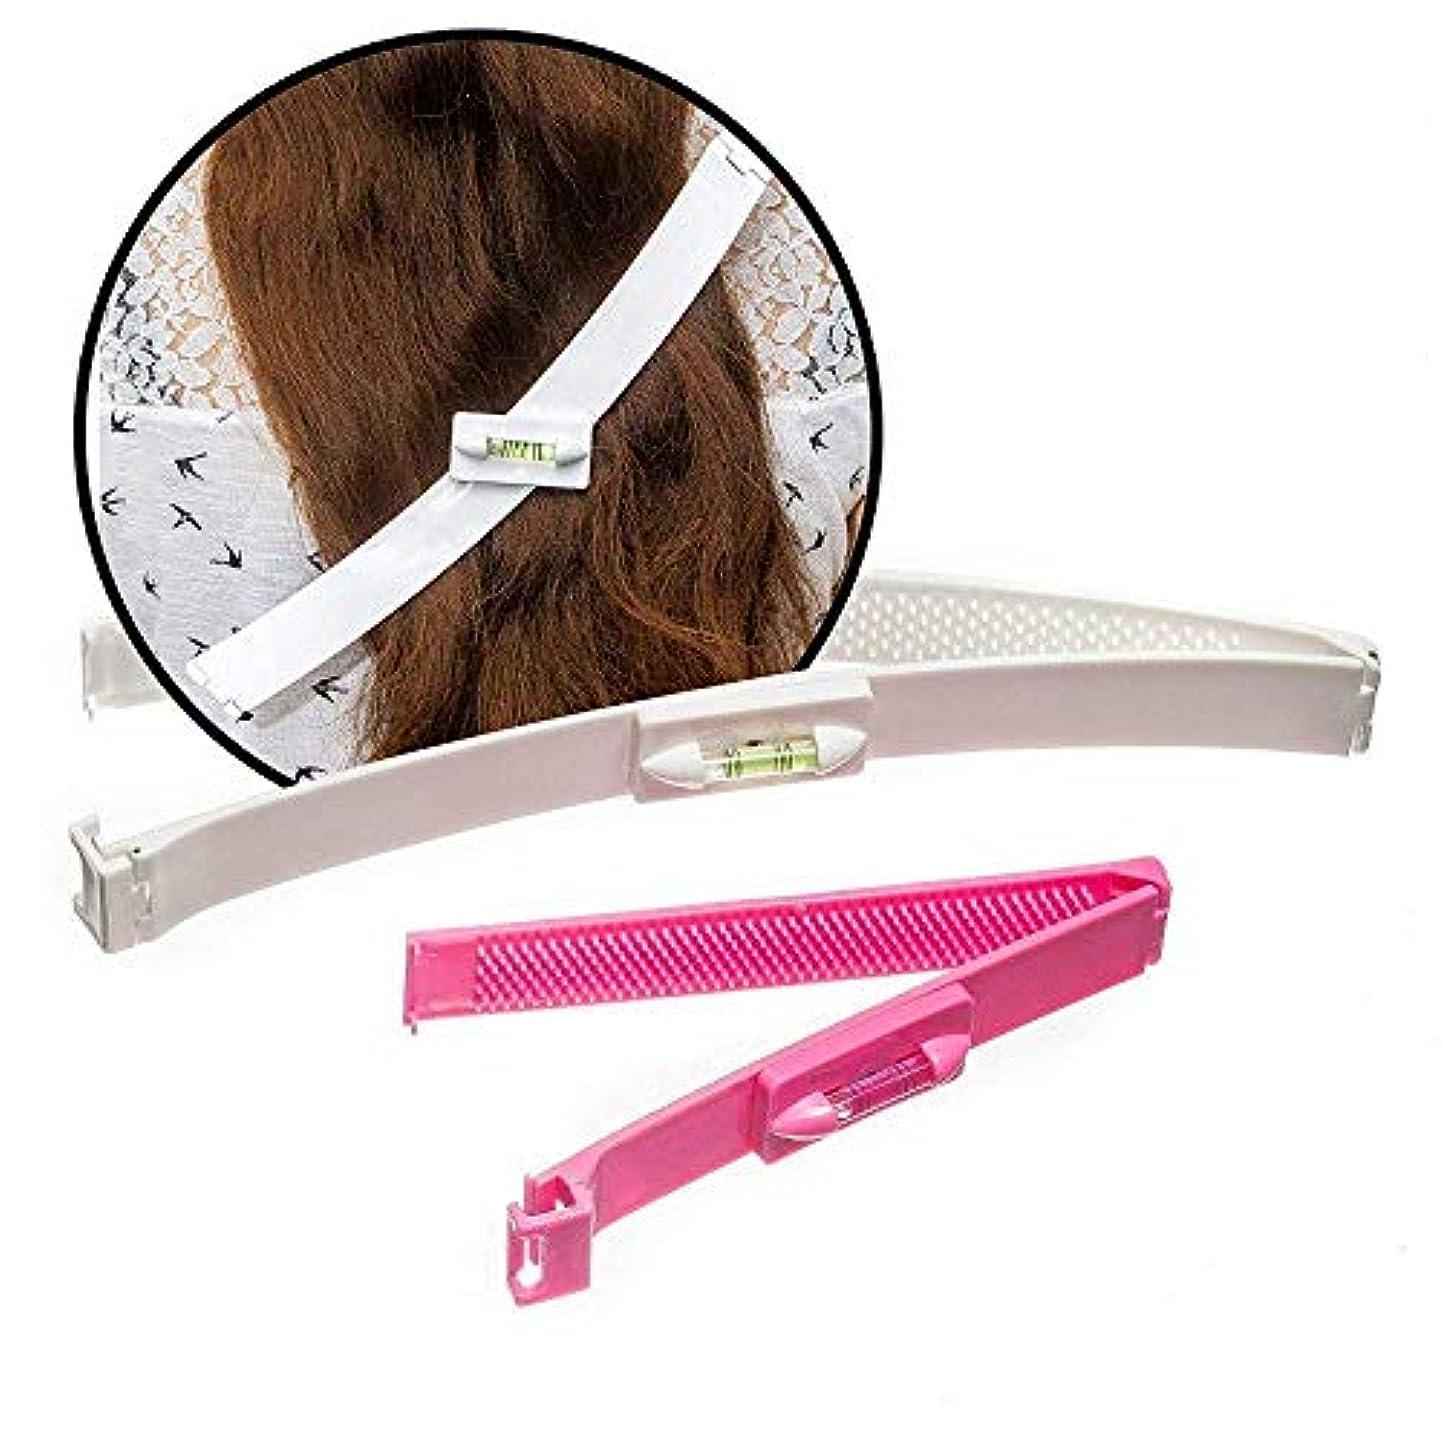 アンカー結晶カセットPichidr-JP 前髪カットクリップ日常生活DIYの前髪カット女性/女の子のための櫛カット